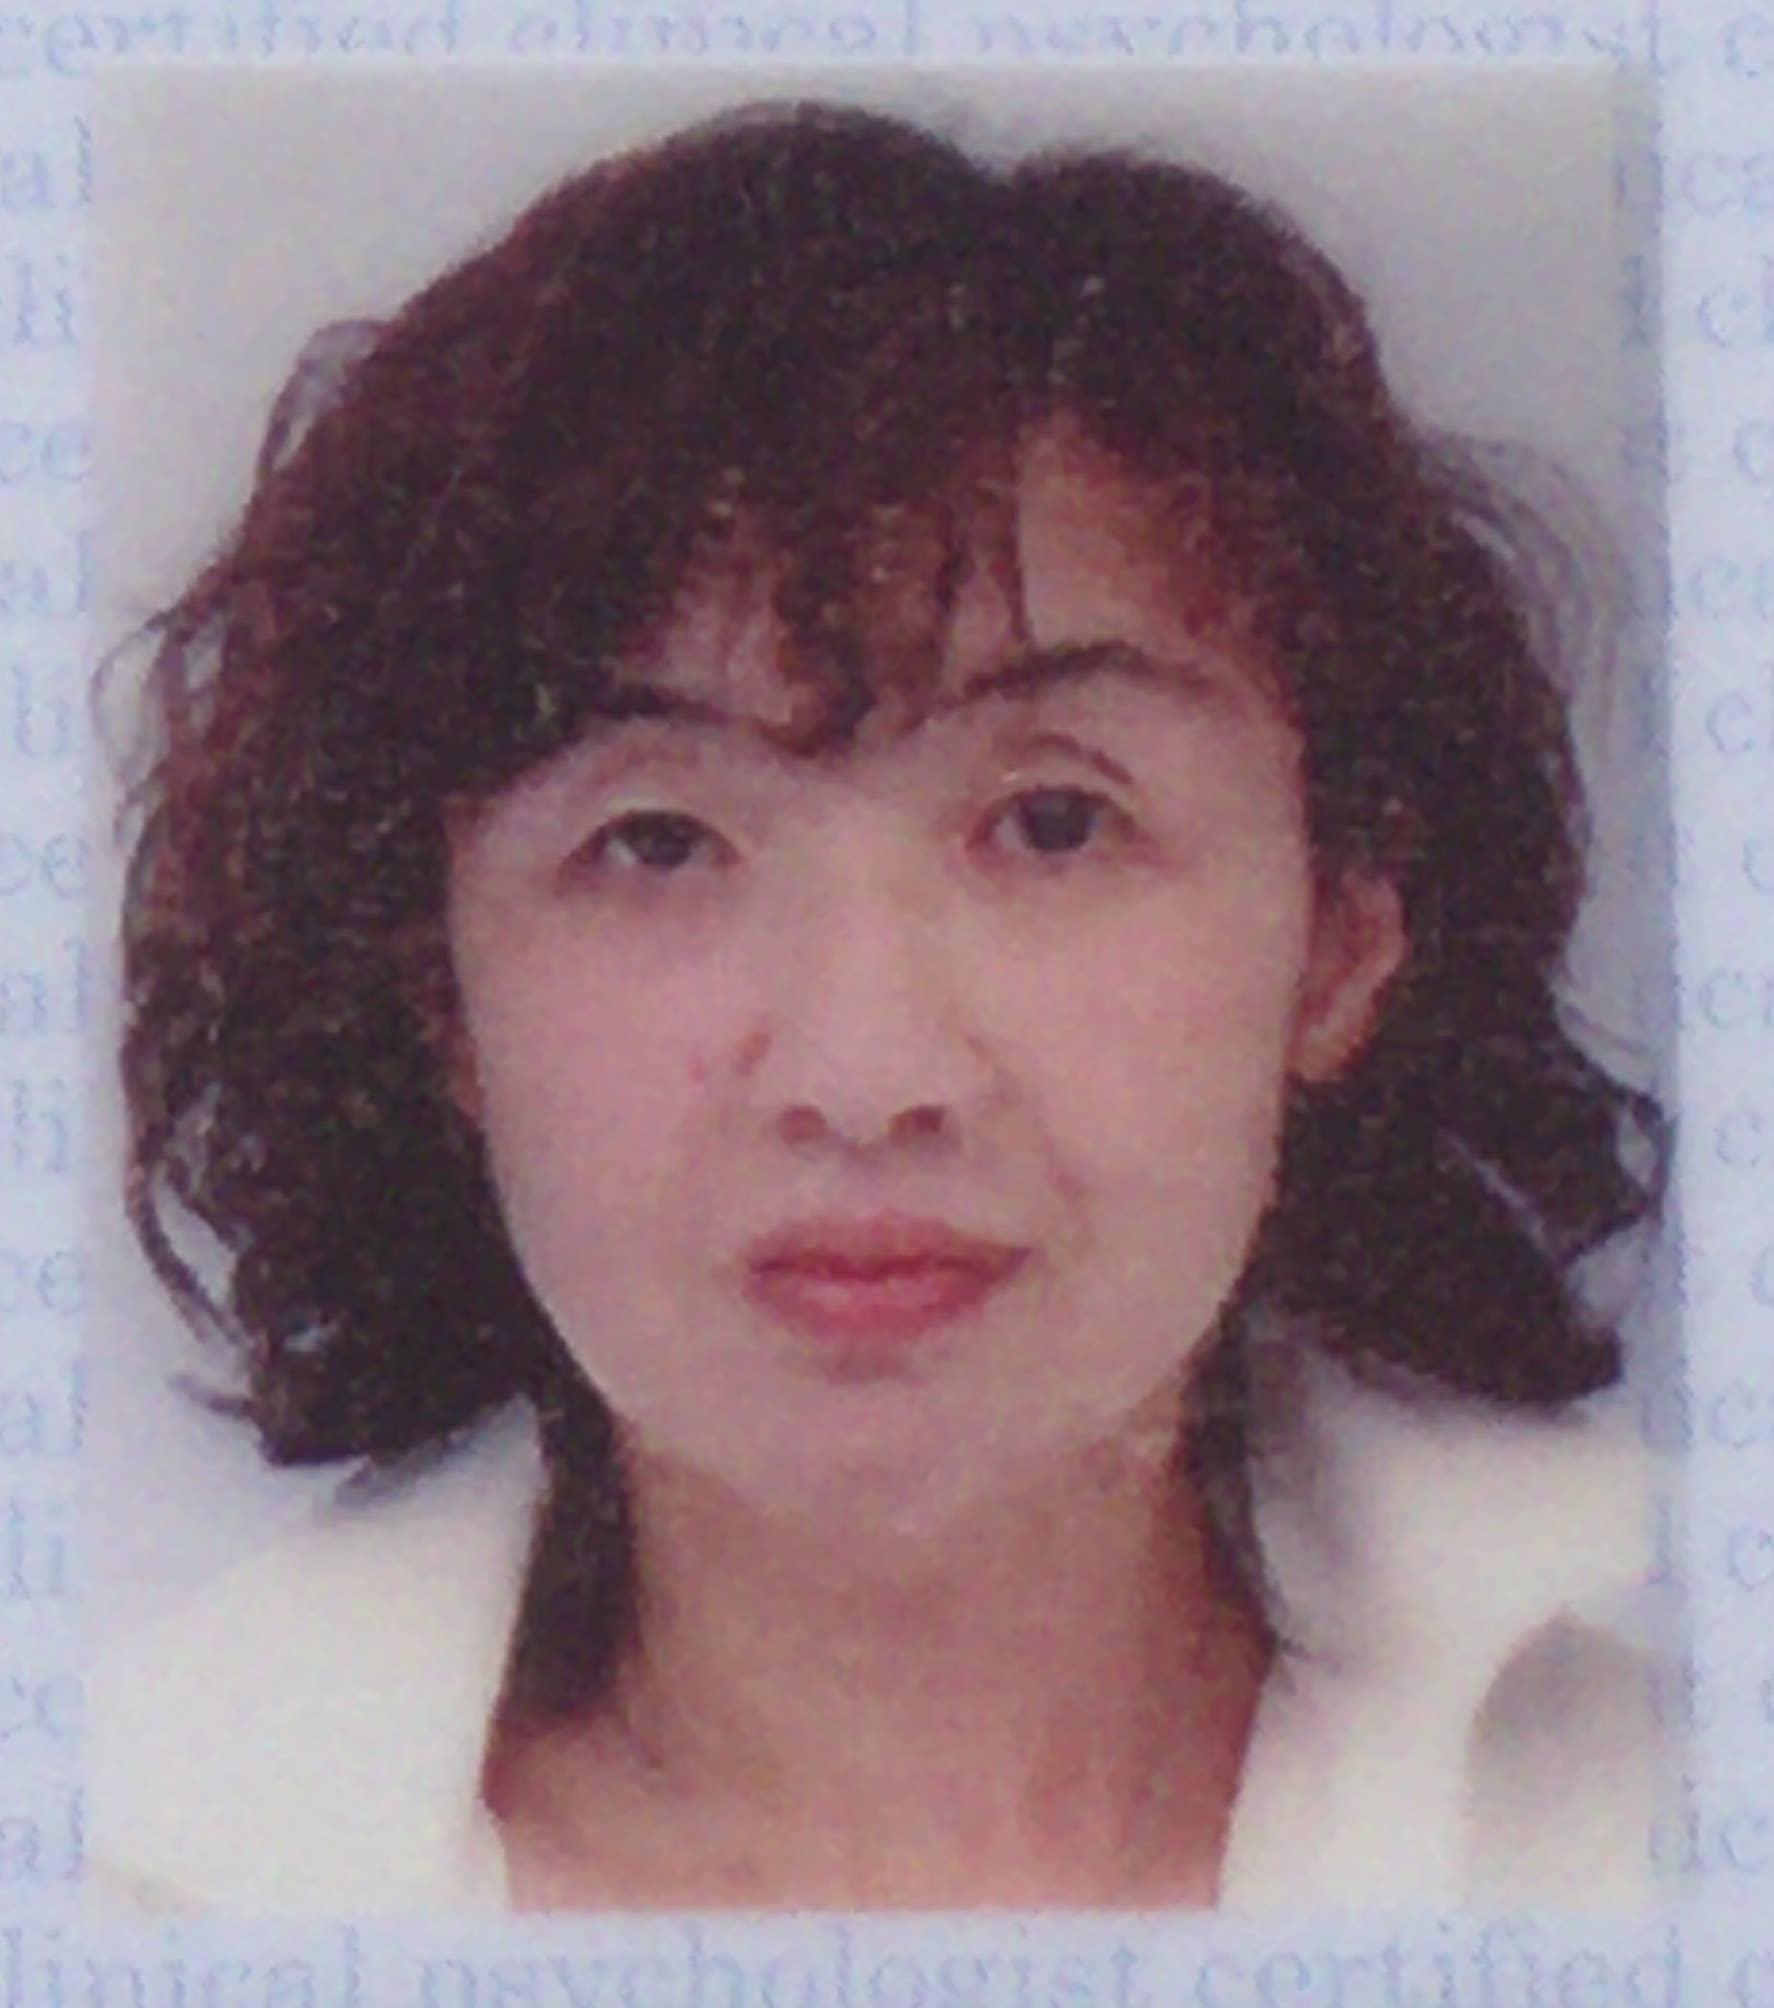 Kyouko Ezaki